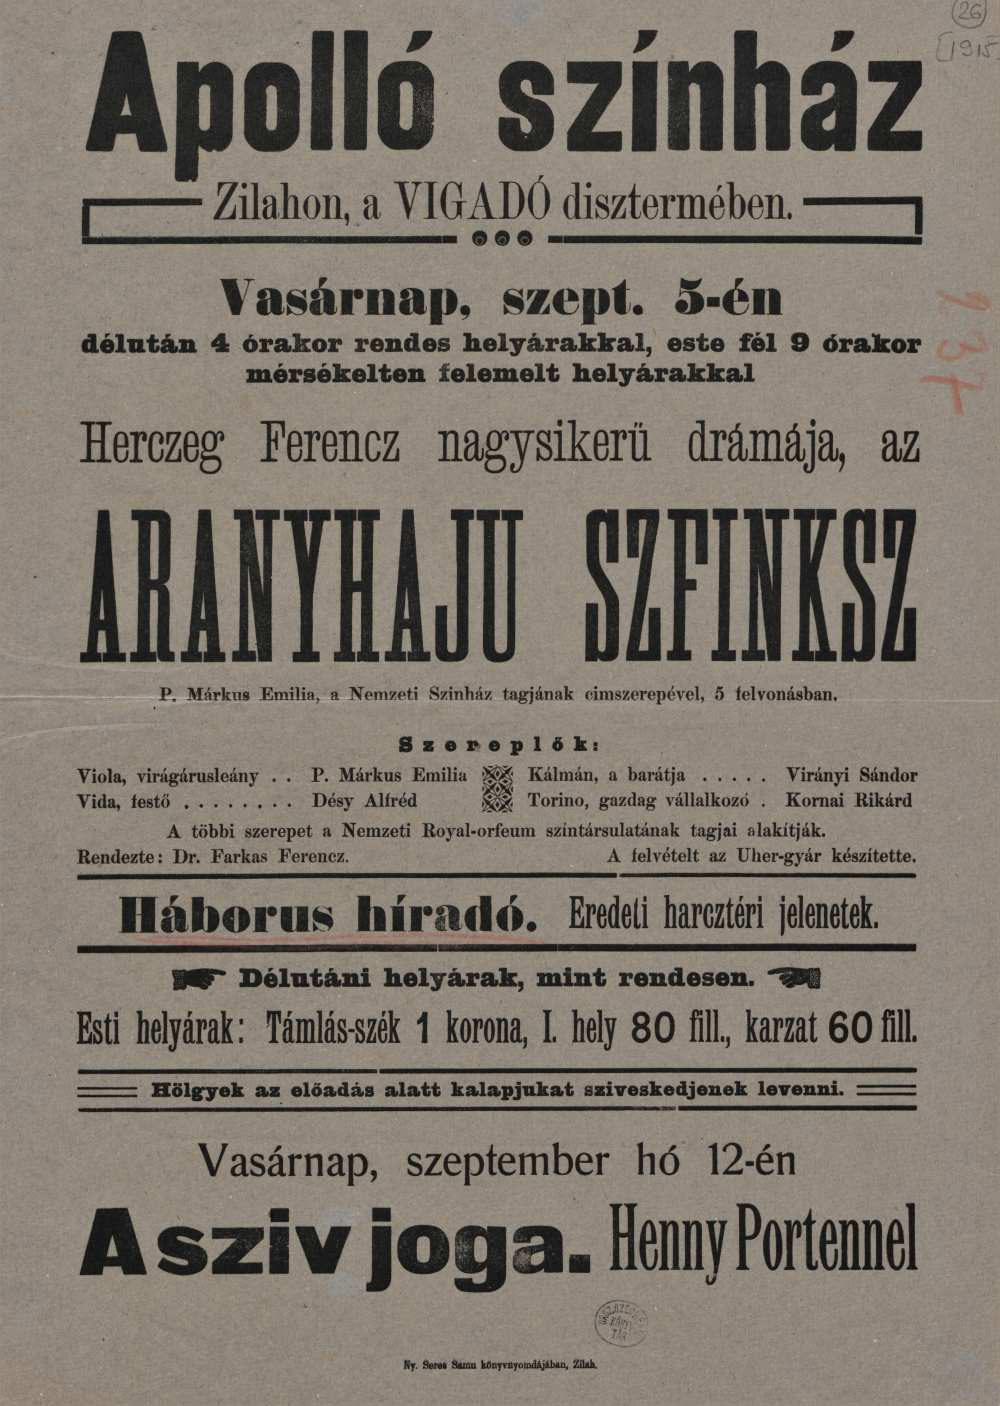 Az aranyhaju szfinksz. Filmplakát, 1915. – Térkép-, Plakát- és Kisnyomtatványtár, Jelzet: Szöv.pl 1915